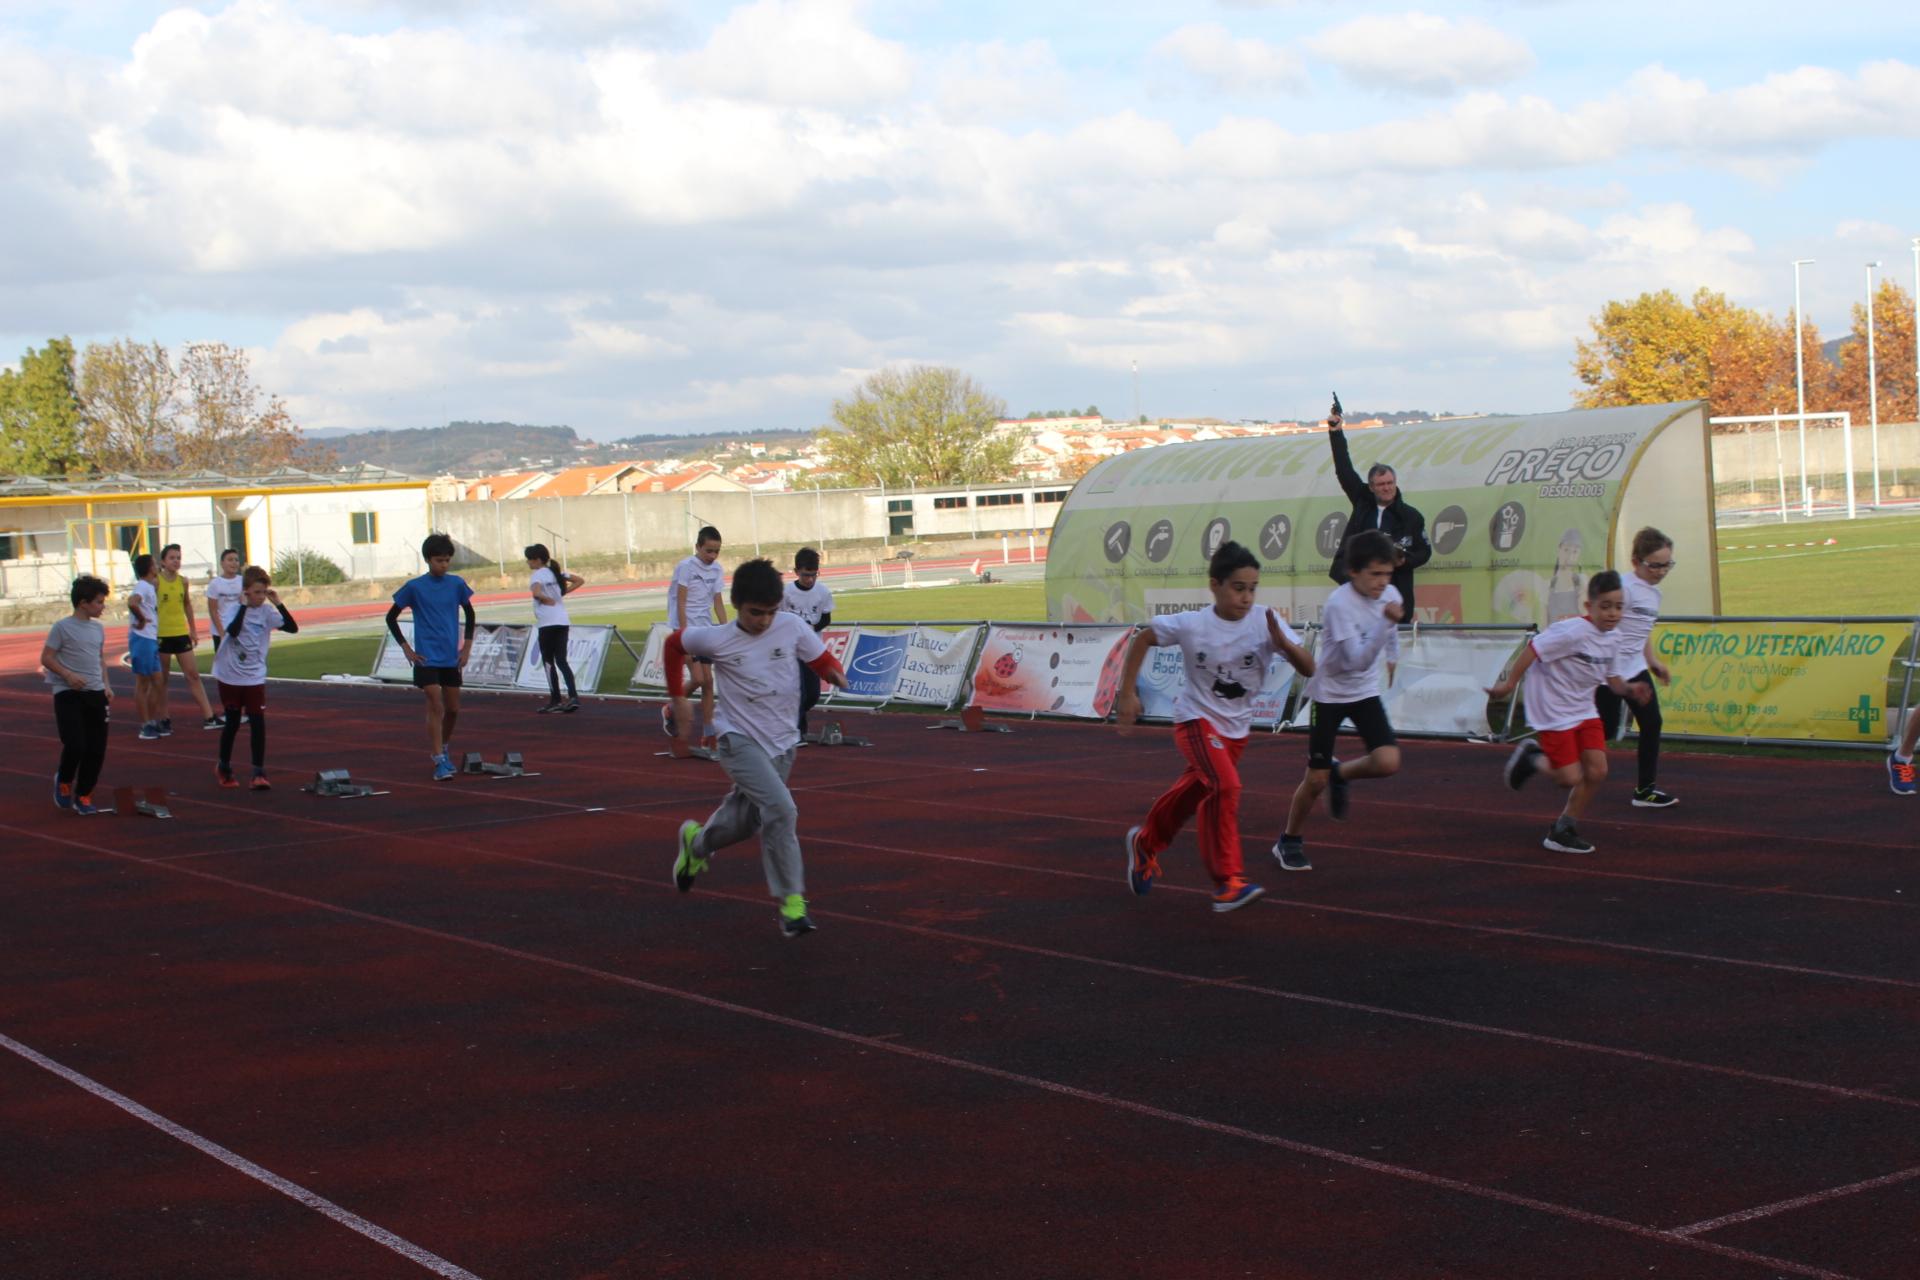 Associação de Atletismo de Bragança inicia época com aposta na formação das camadas jovens